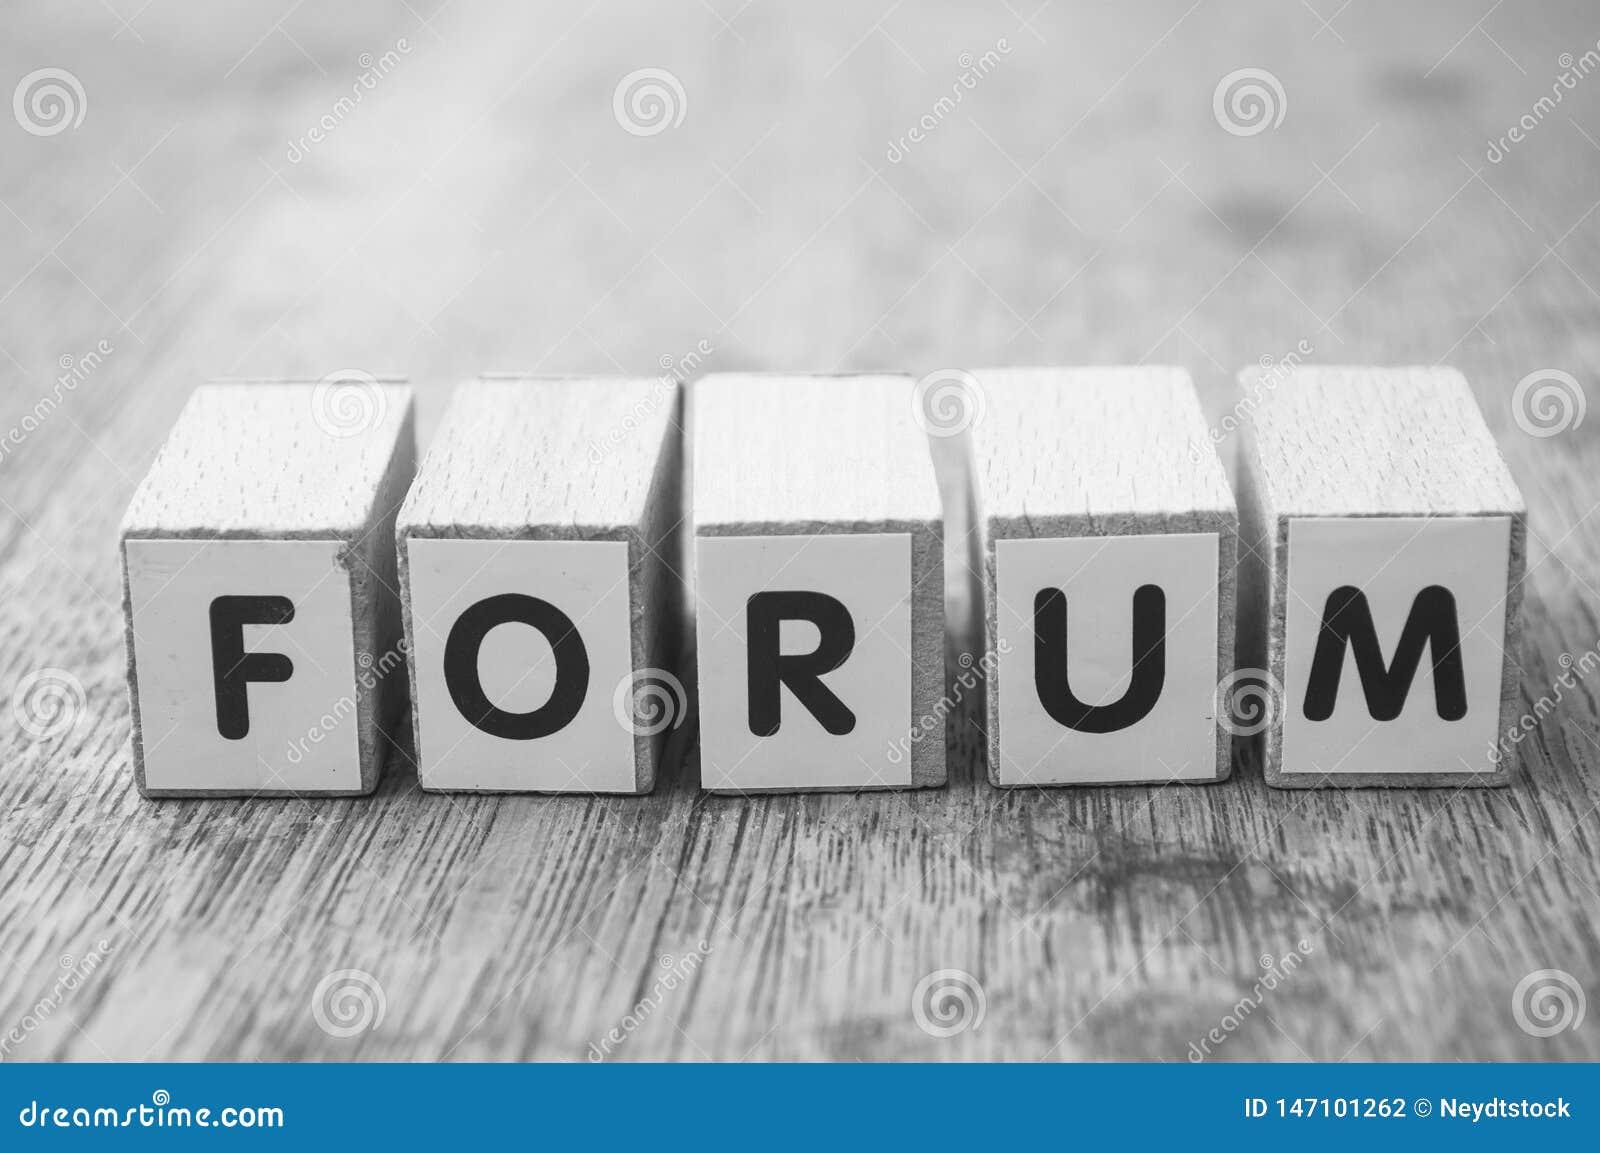 Woord op houten kubus op houten bureauconcept als achtergrond - Forum